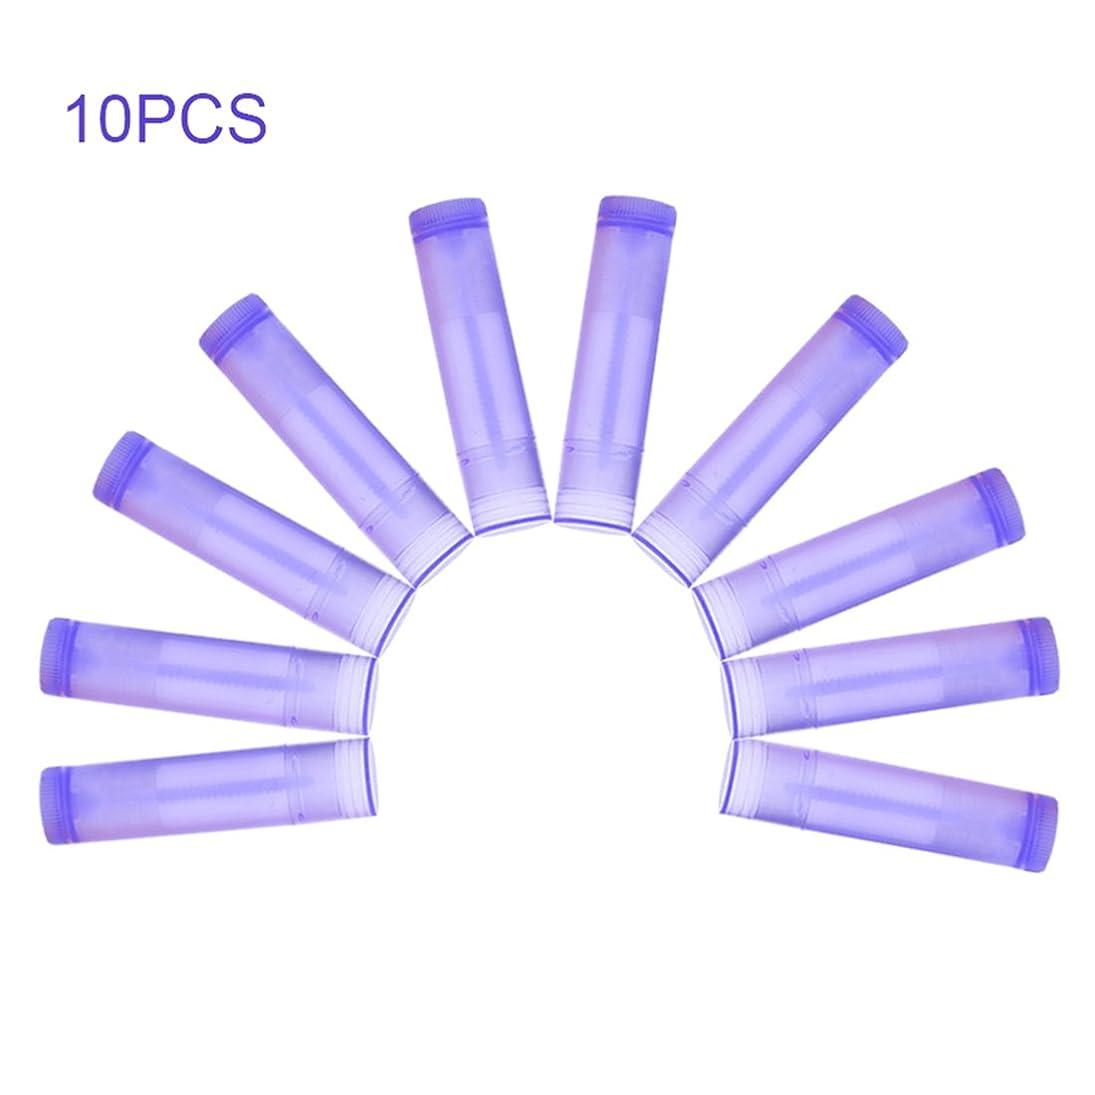 強盗スノーケルテープNrpfell 10本 パープル リップスティック 空のチューブ ワックスチューブ リップスティック DIYリップスティックチューブ 化粧品包装ボトル5g